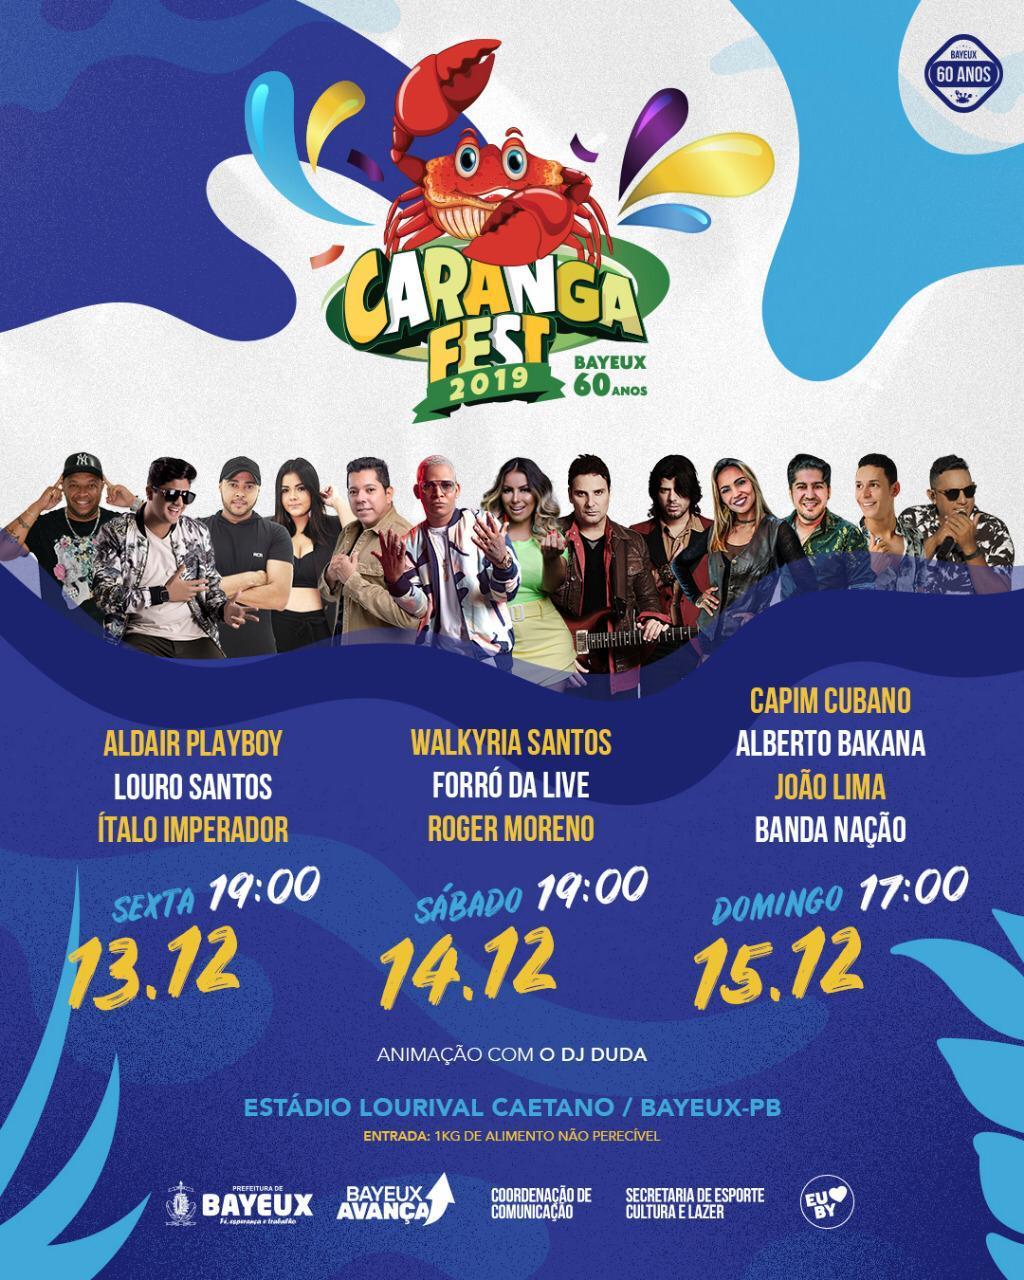 WhatsApp Image 2019 12 11 at 18.41.25 - 'Caranga Fest' terá três dias de festa e Prefeitura de Bayeux prepara grande comemoração para os 60 anos da cidade